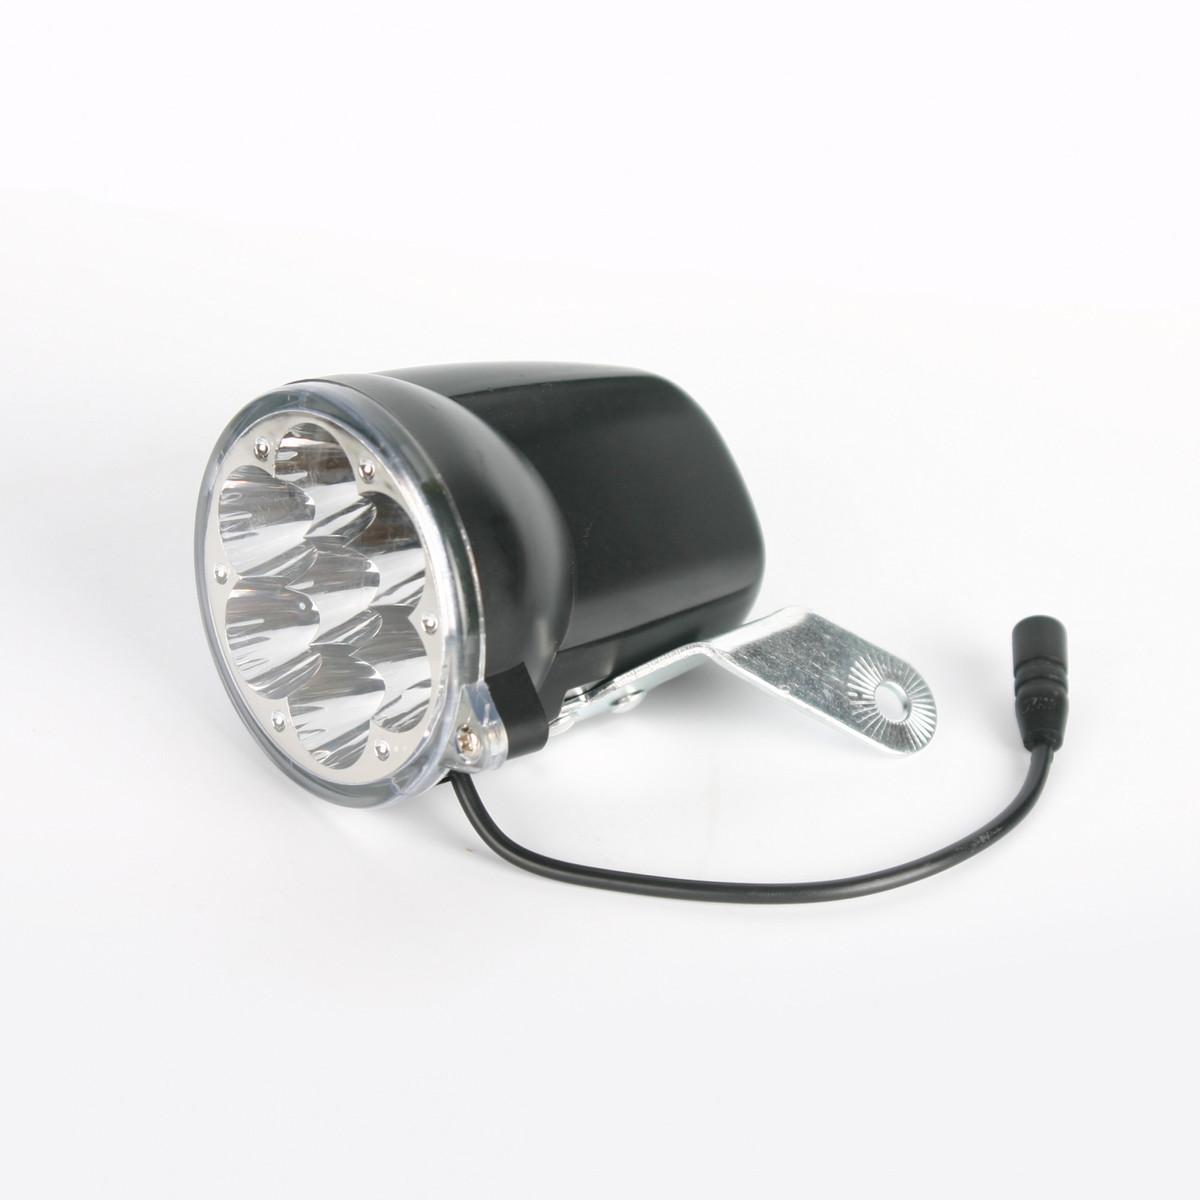 FORÇA LED-Vorderlicht für Evoking 3.0